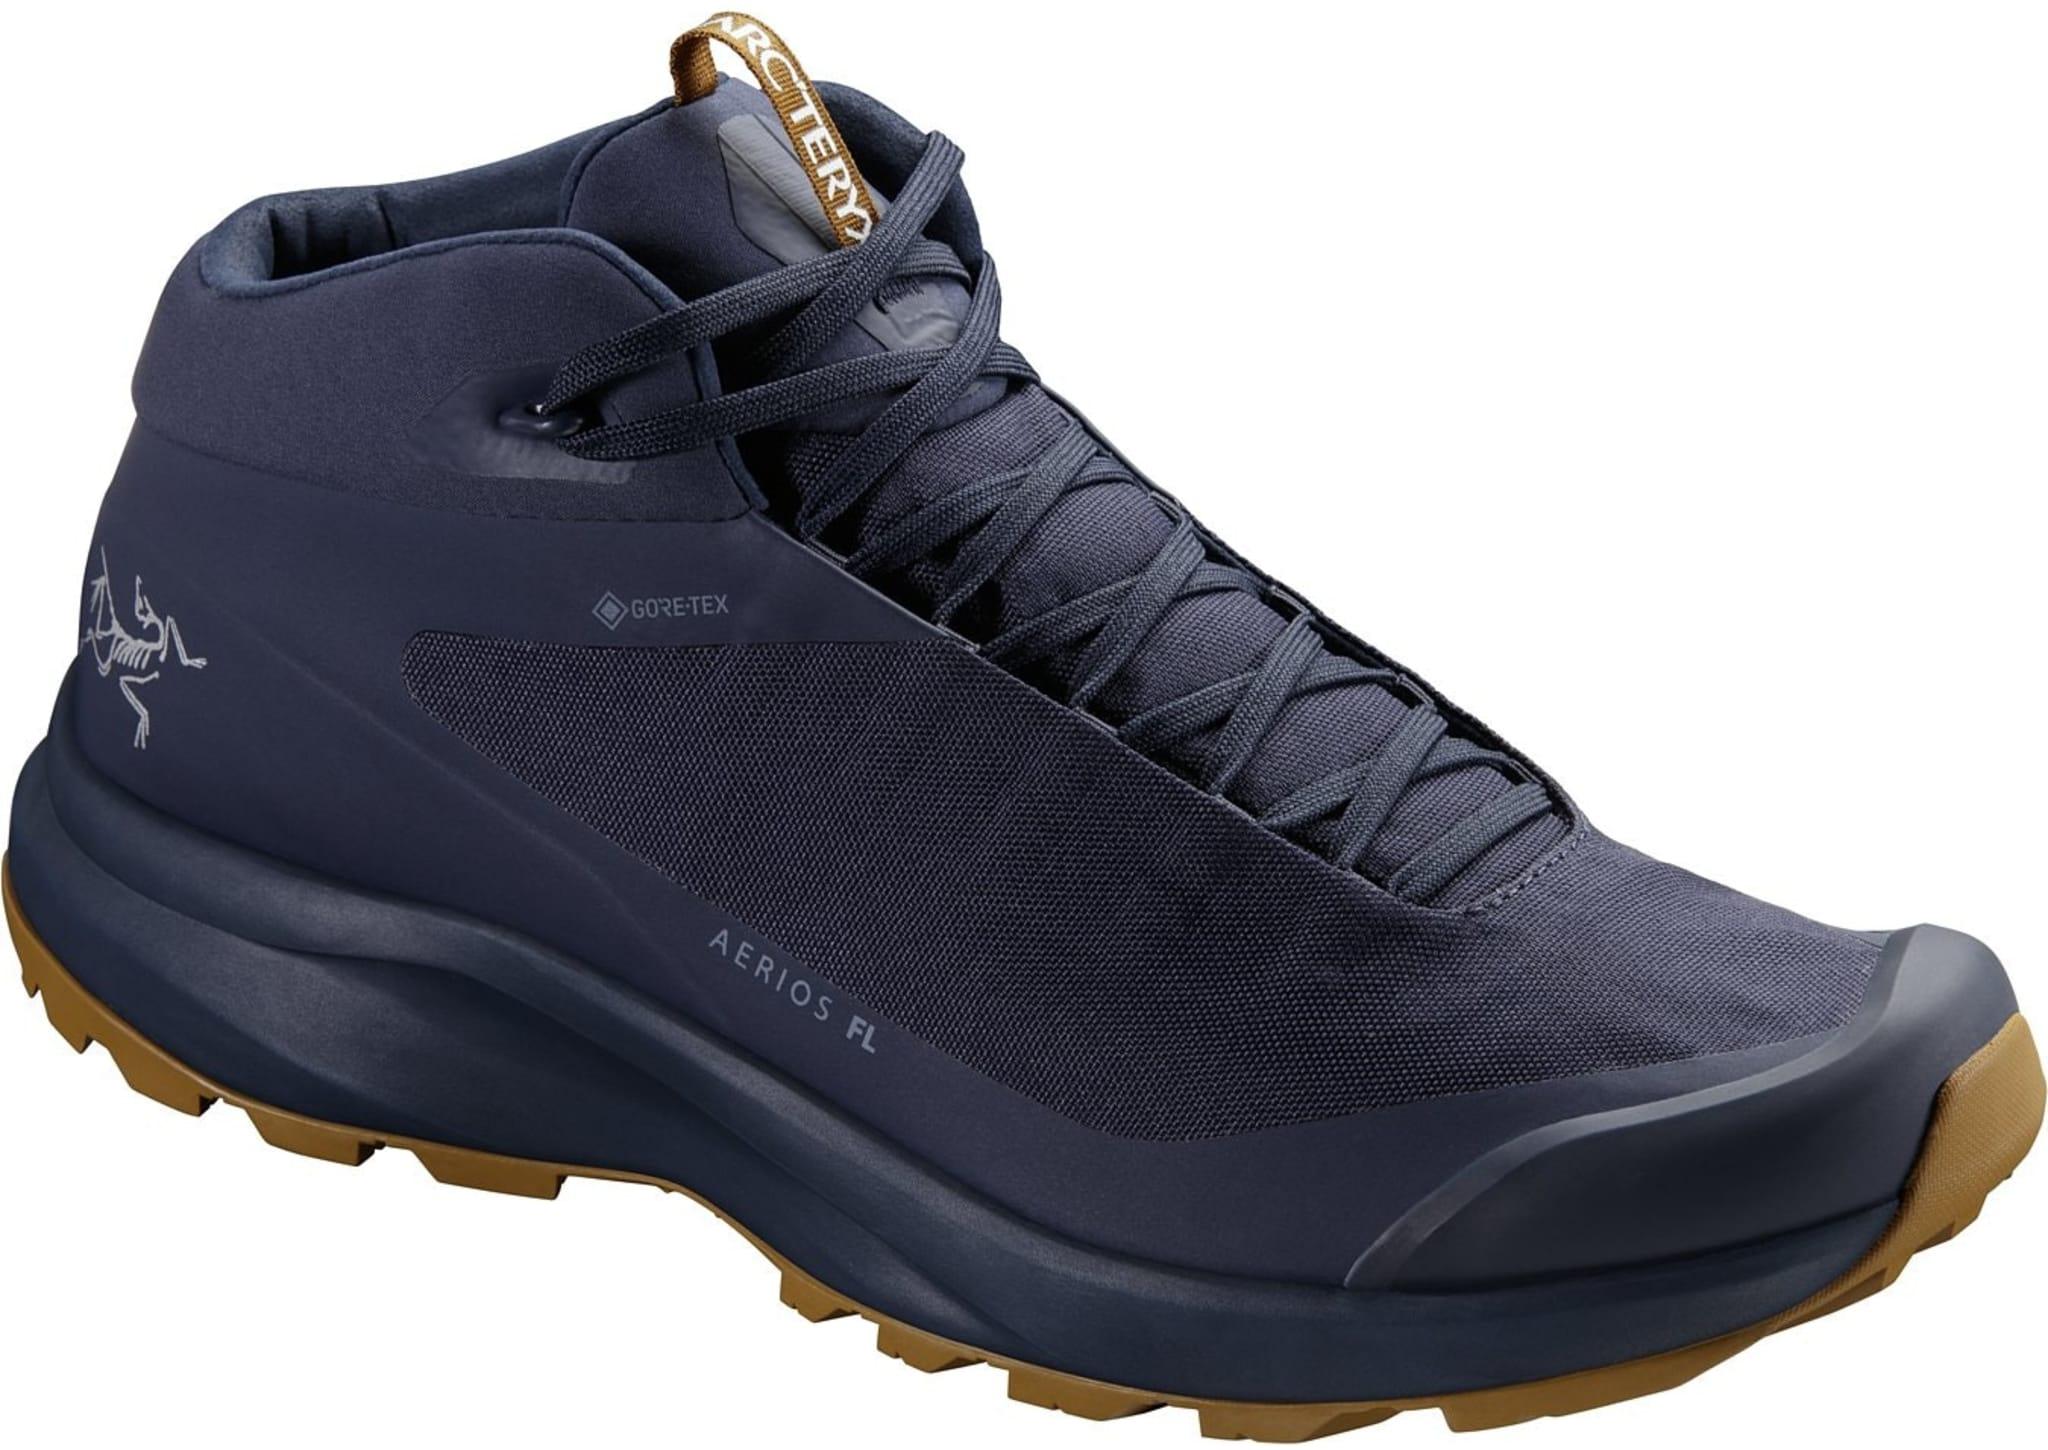 Lette, stabile og vanntette sko for turer med og uten lett sekk